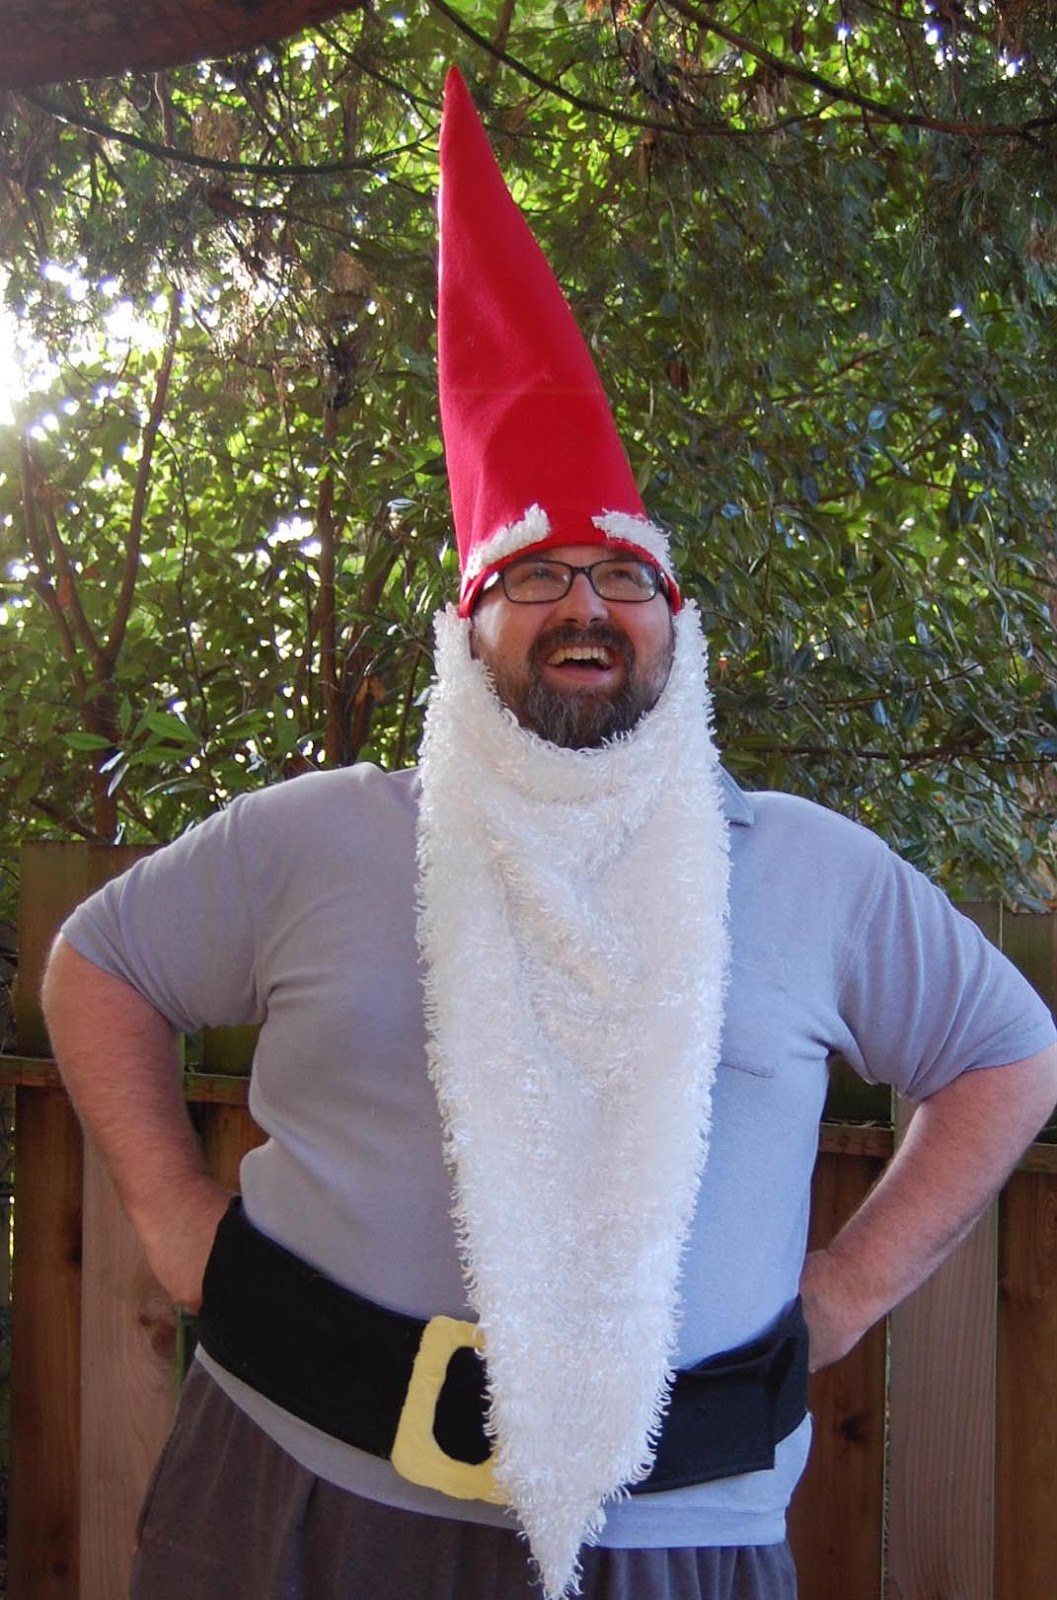 A garden gnome DIY Halloween costume